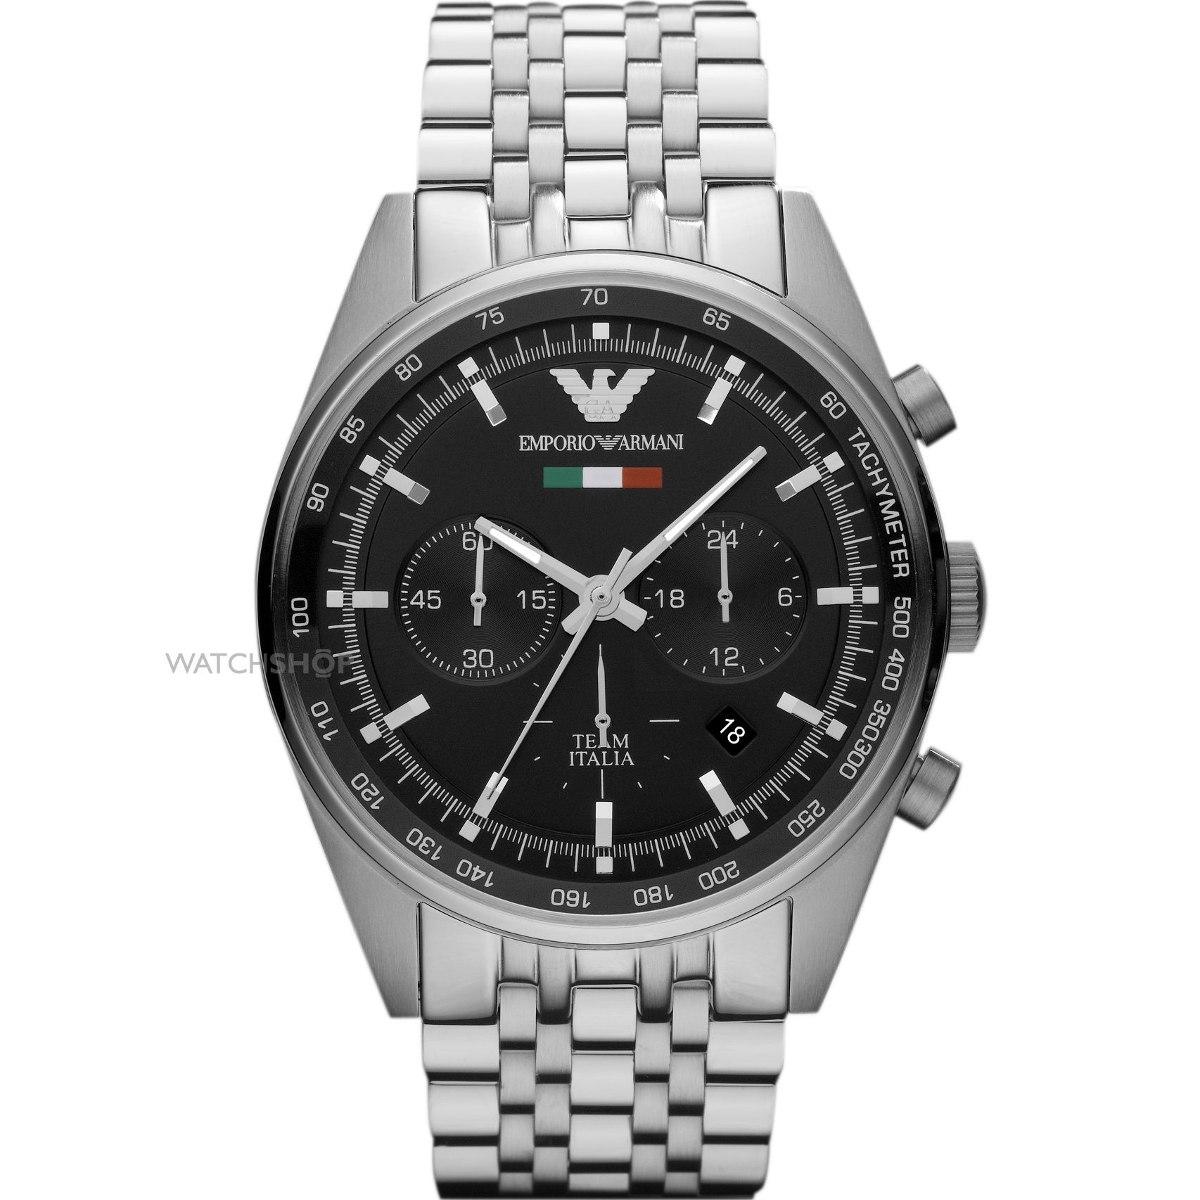 8f3efbbc9 Relógio Emporio Armani Ar5983, Já No Brasil. Frete Grátis! - R$ 419,99 em  Mercado Livre